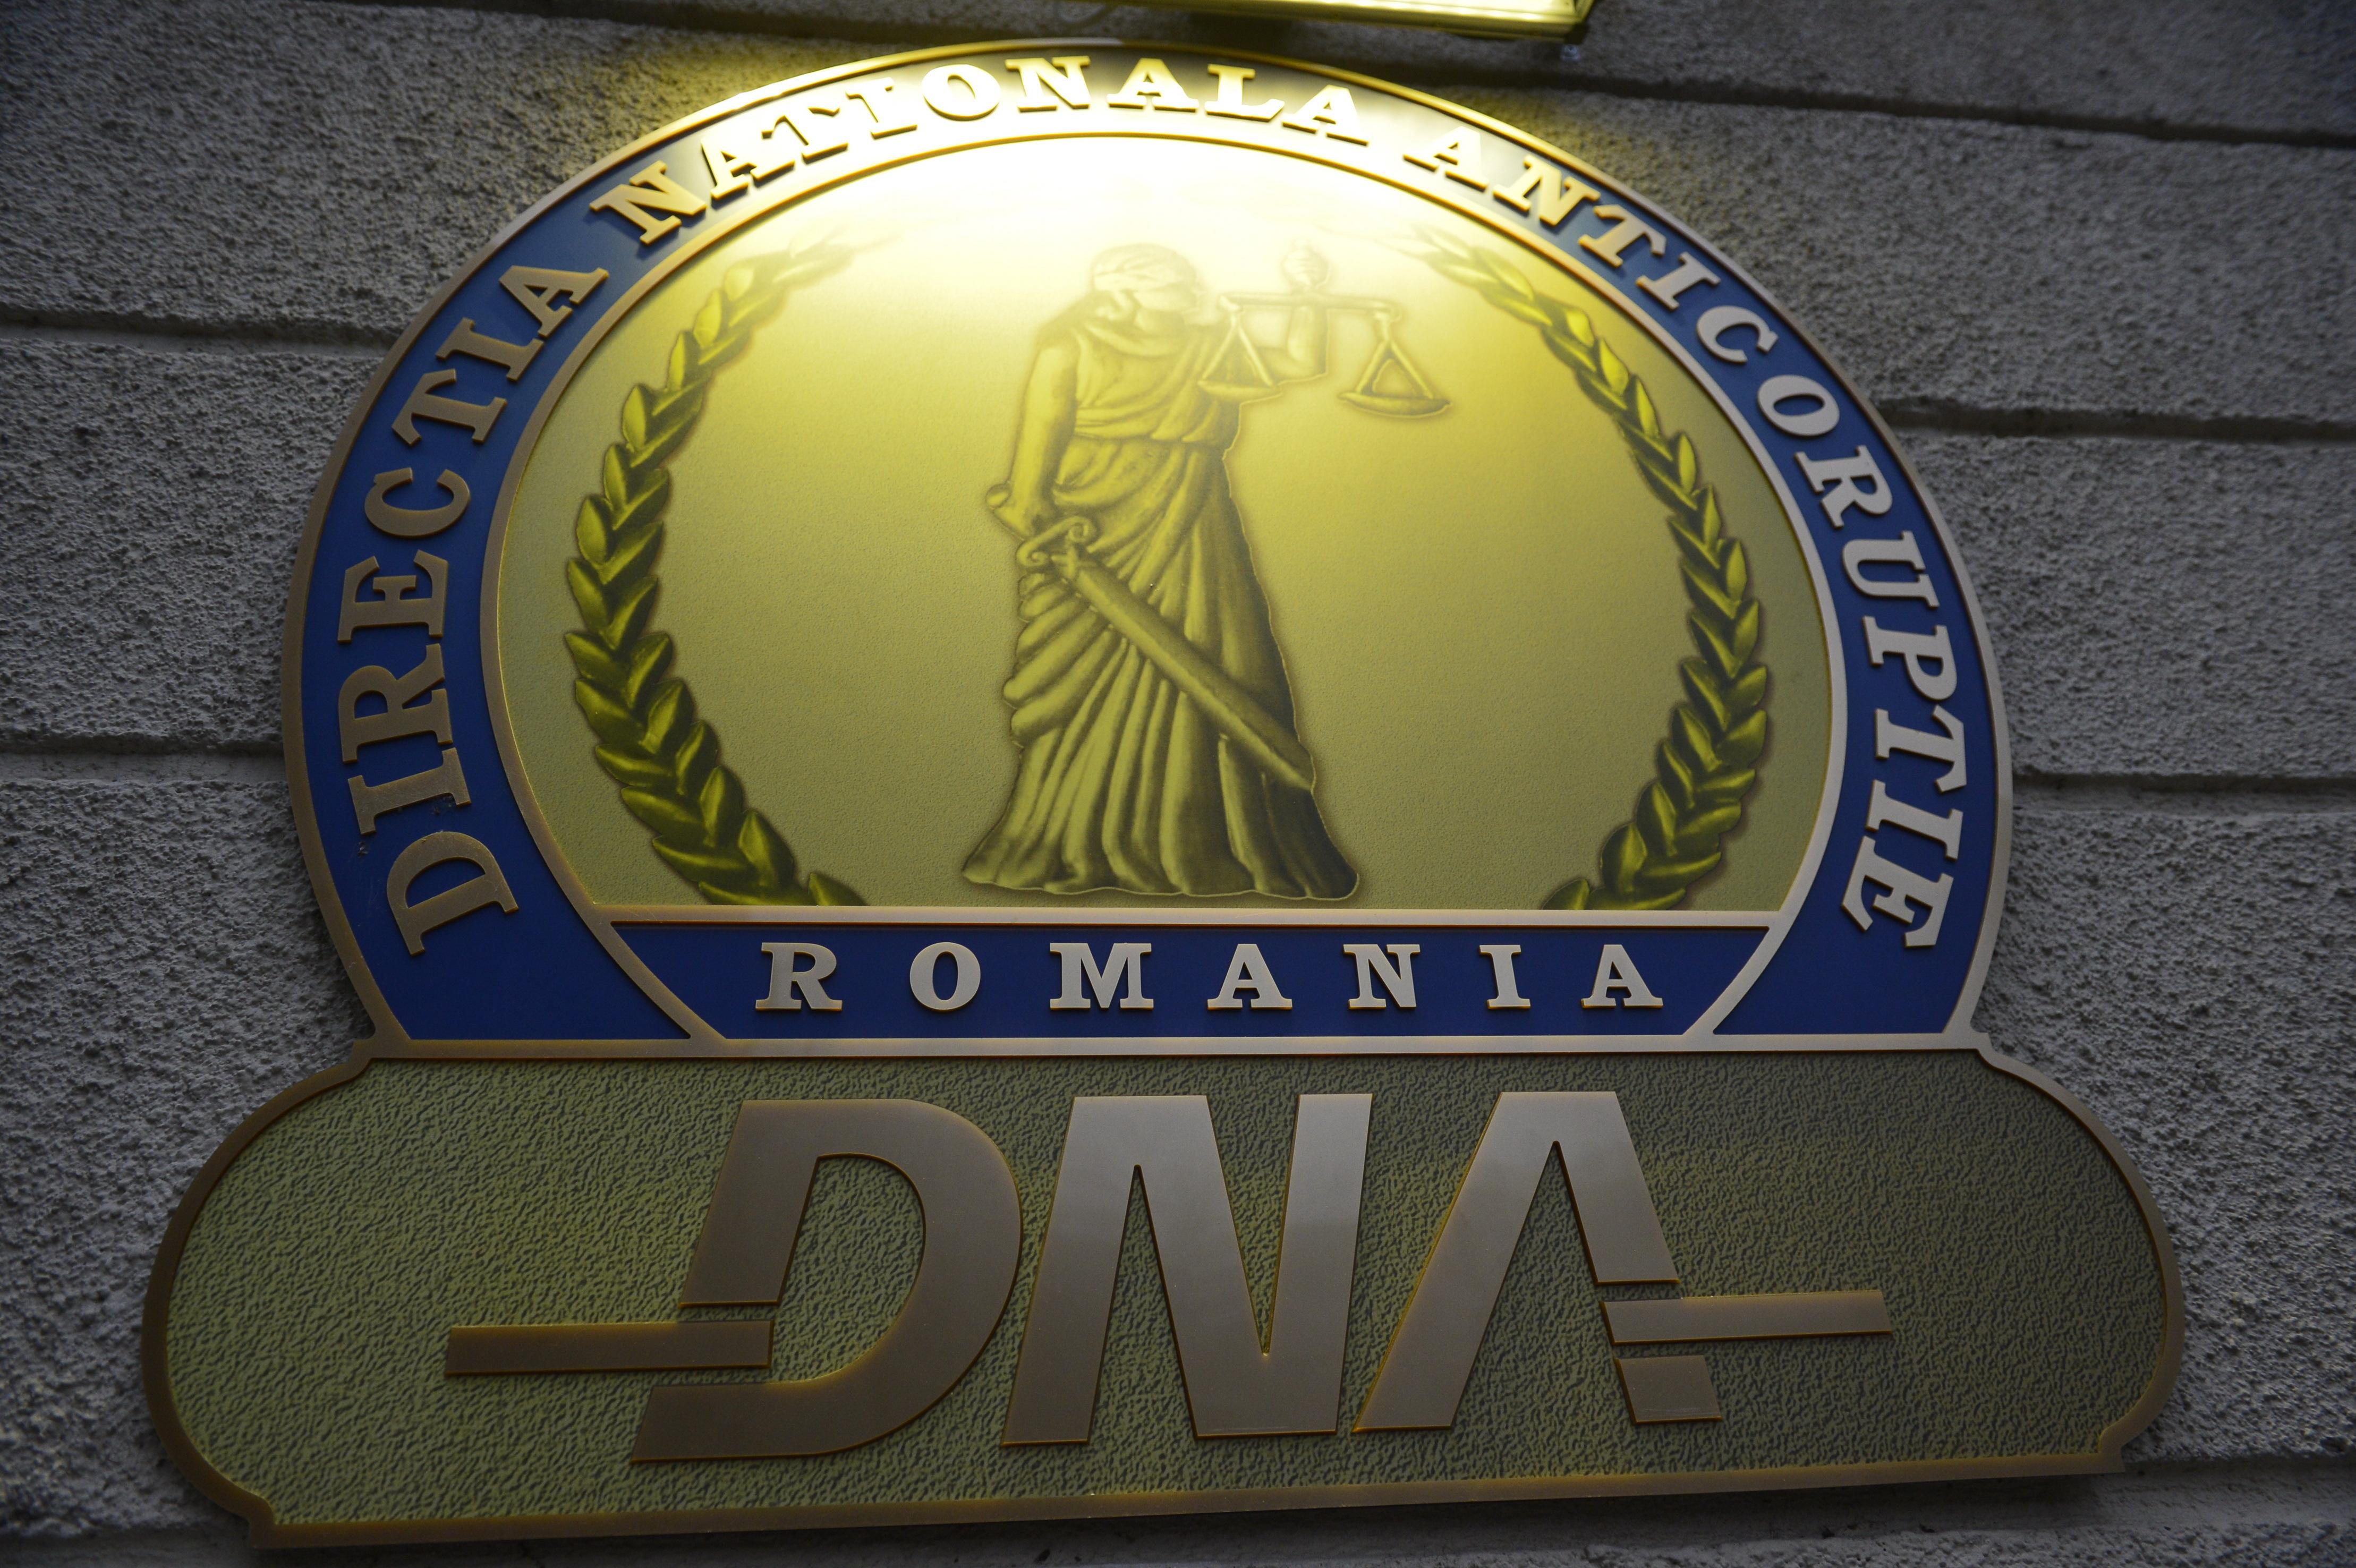 23 de persoane, trimise în judecată de DNA Alba Iulia pentru abuz în serviciu, achitate definitiv